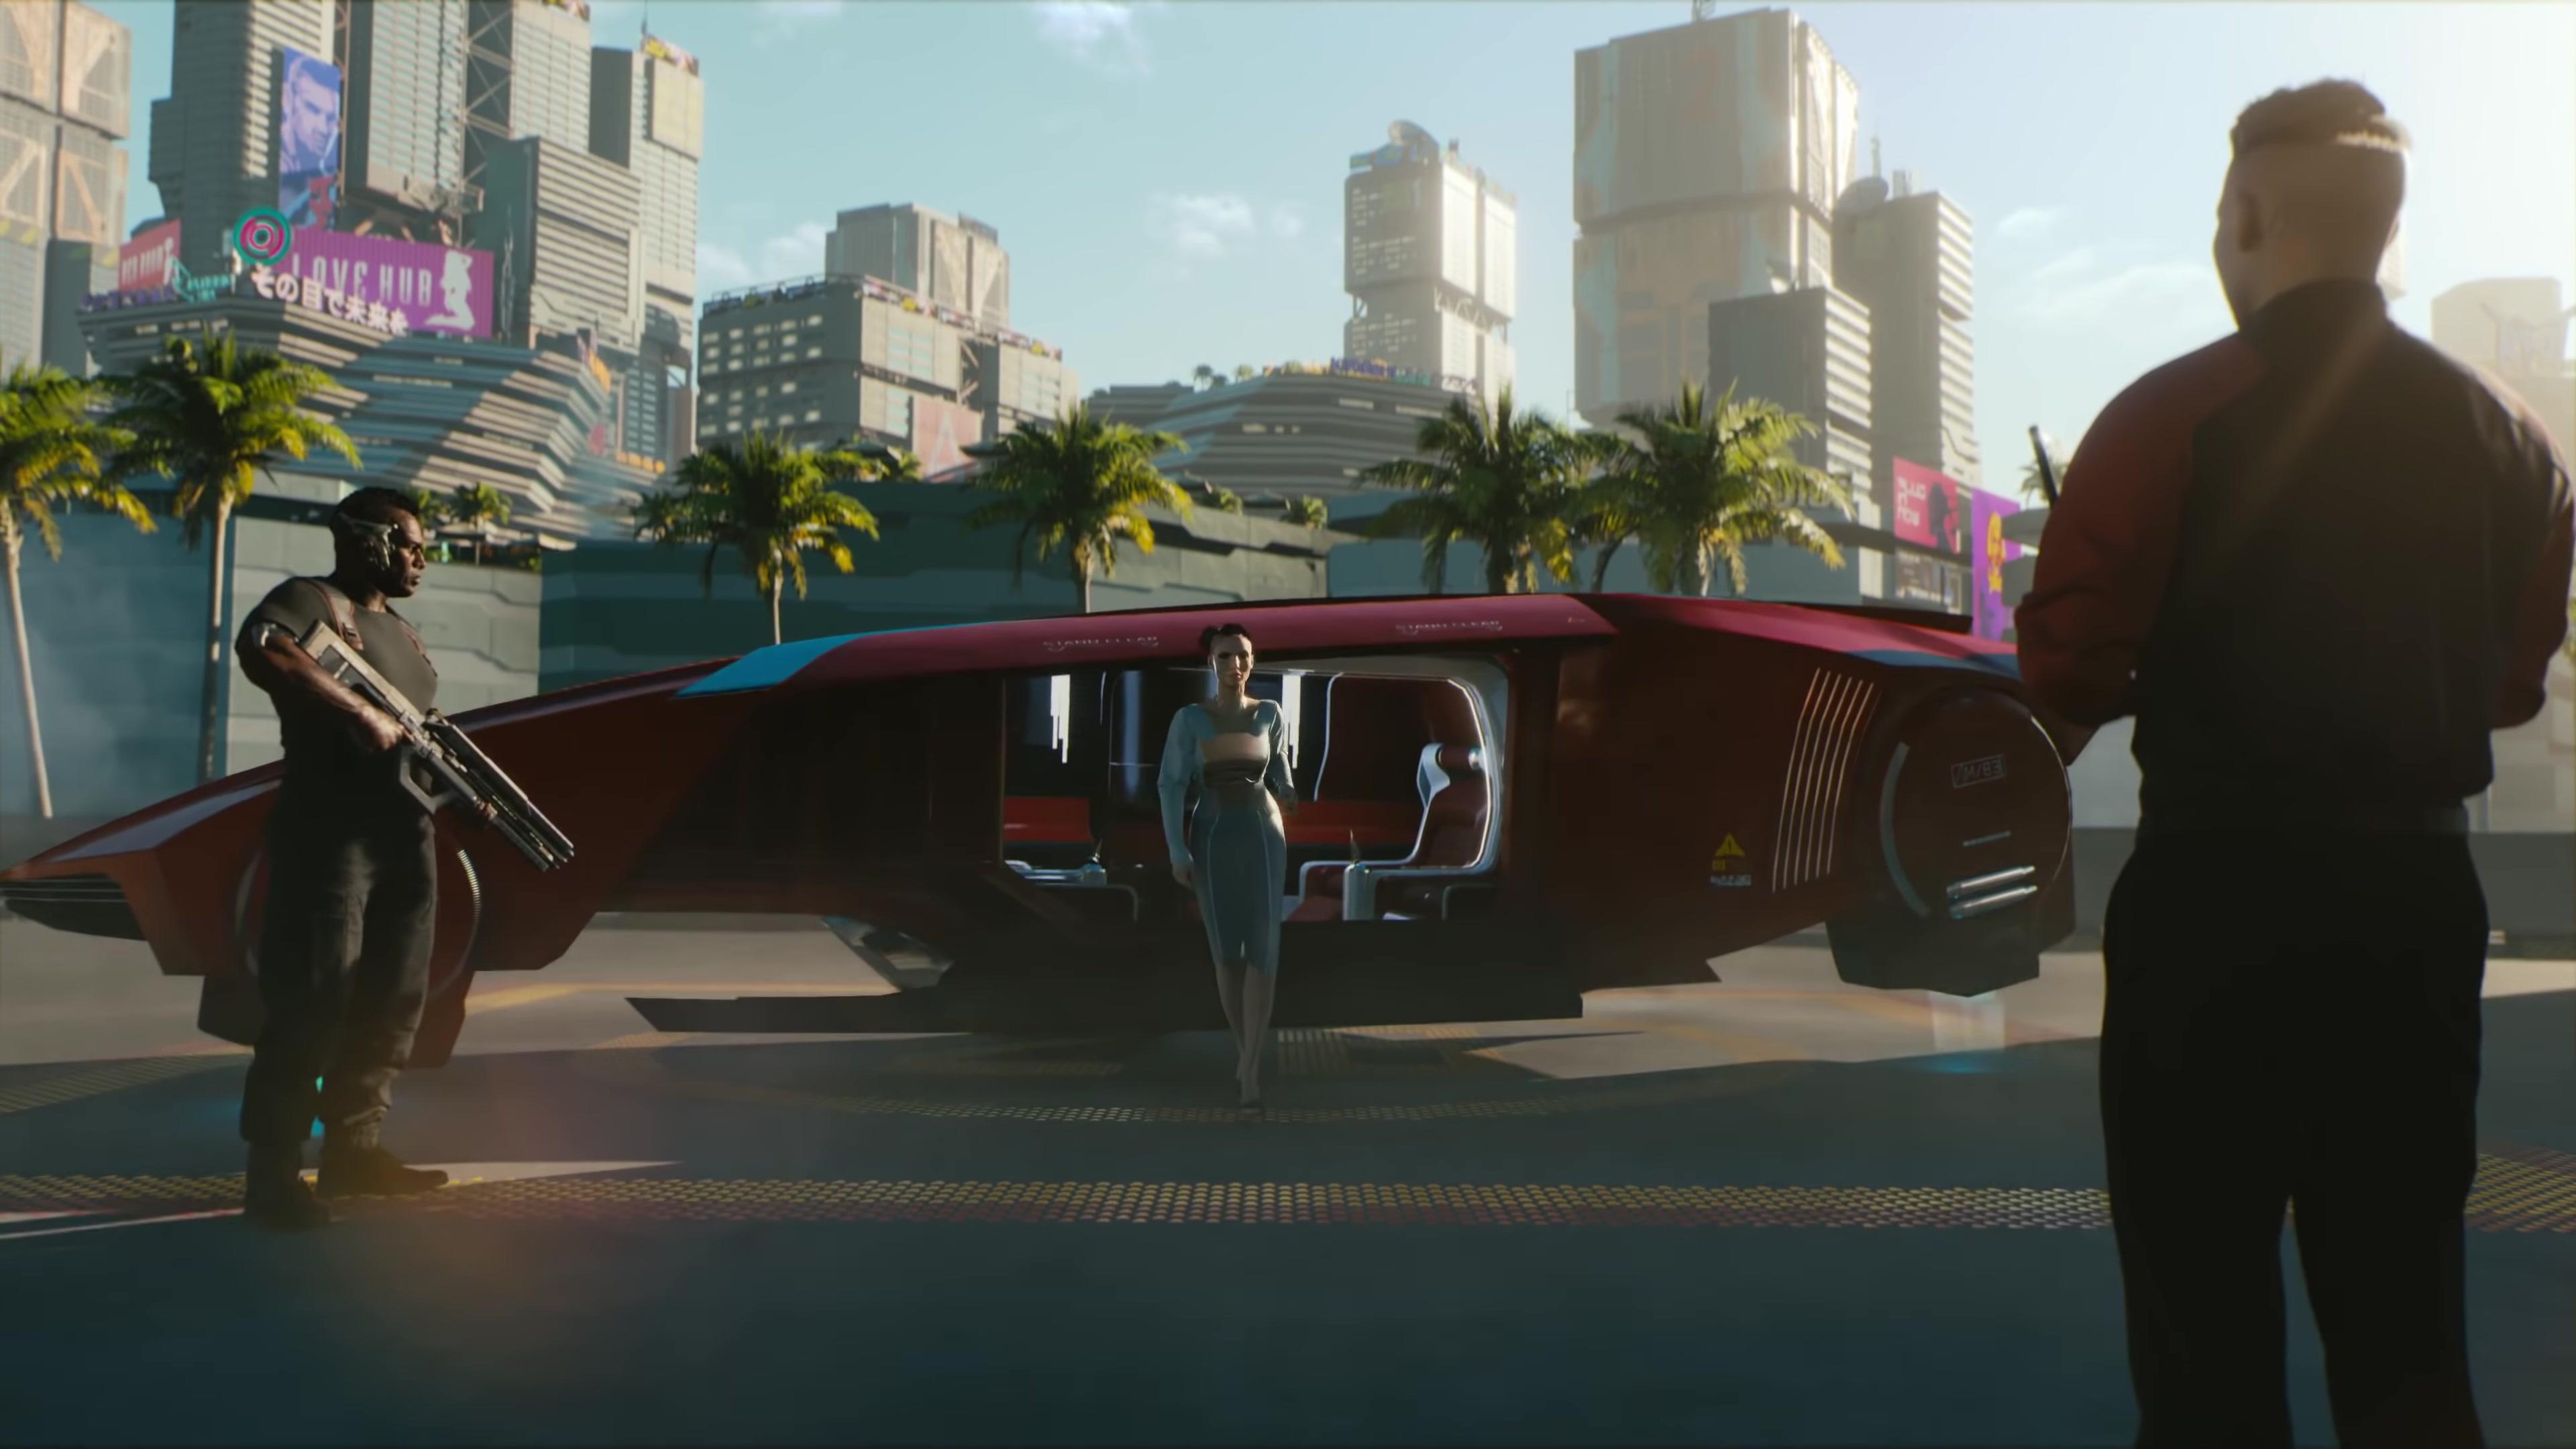 Cyberpunk 2077 039.jpg - Cyberpunk 2077